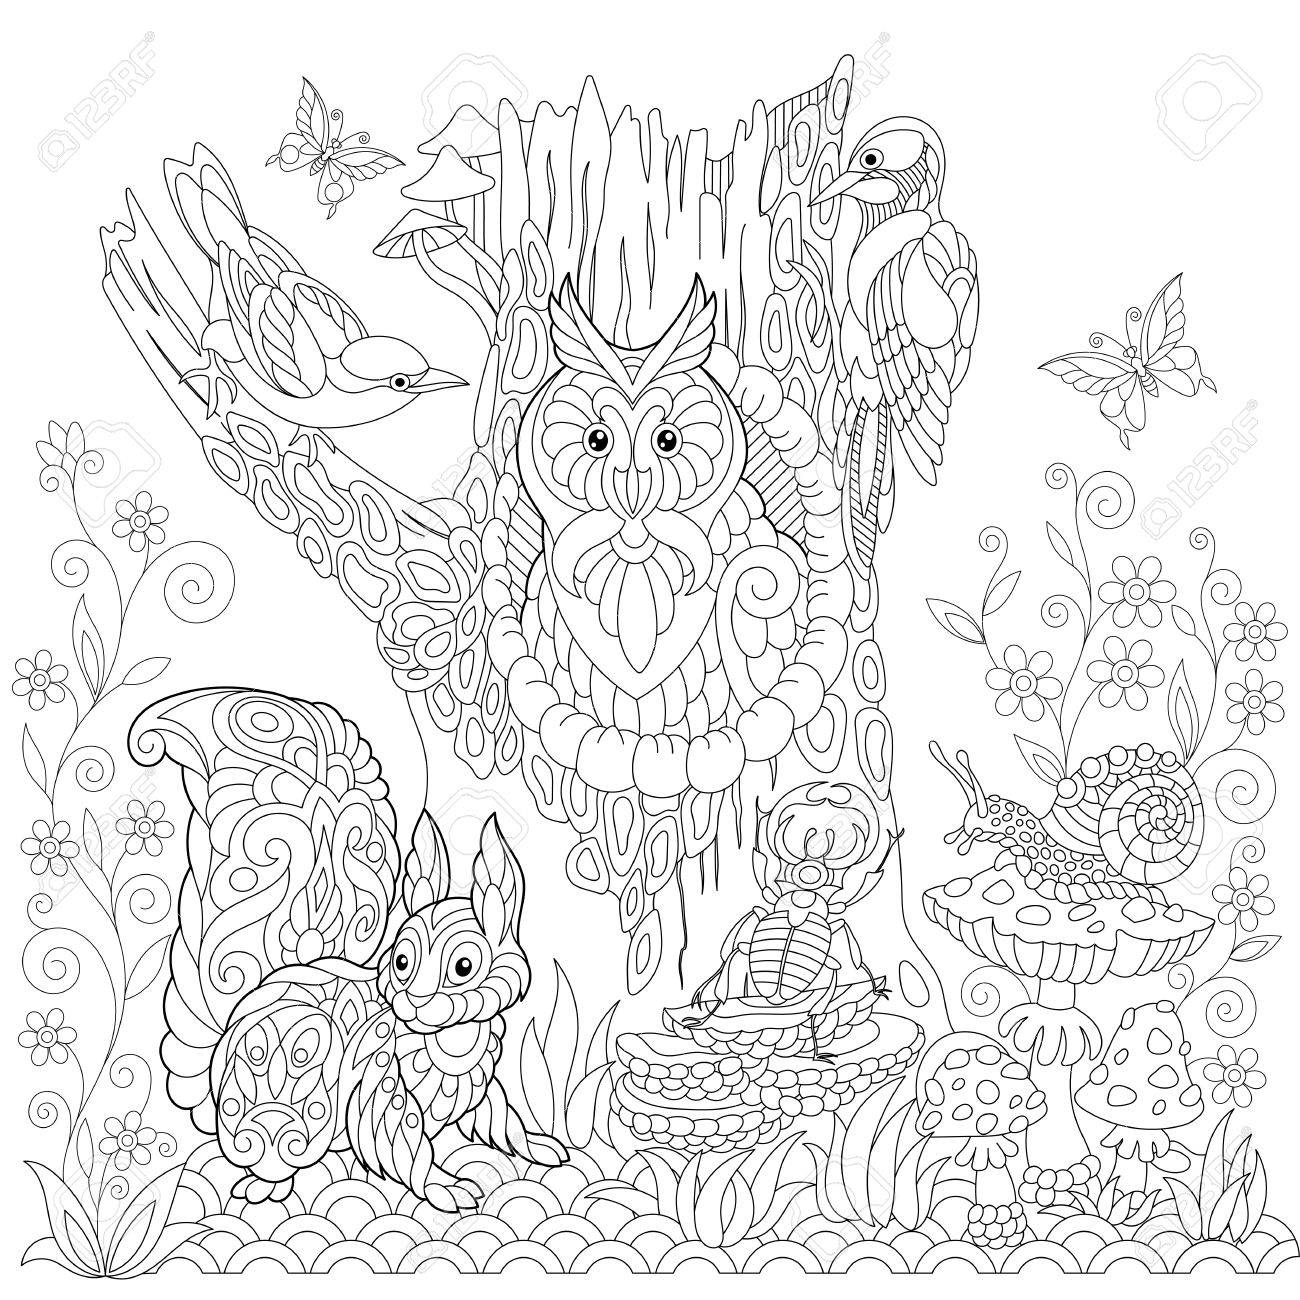 Coloriage Fleur Coucou.Livre Pour Colorier Page De Paysage Forestier Hibou Oiseau Coucou